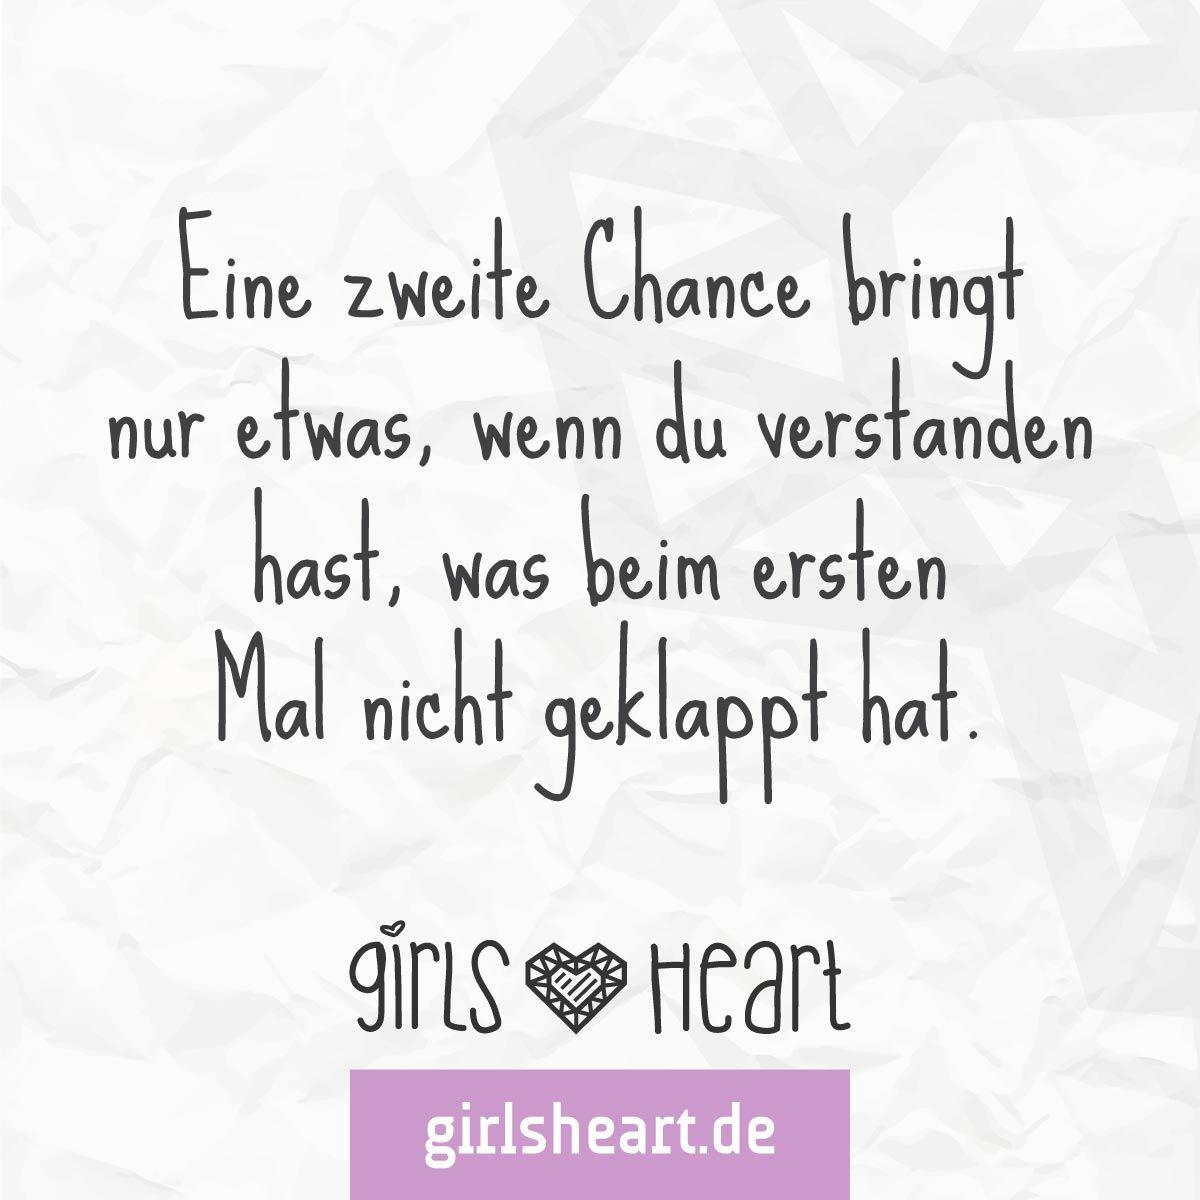 Mehr Spruche Auf Www Girlsheart De Chance Neuanfang Trennung Liebe